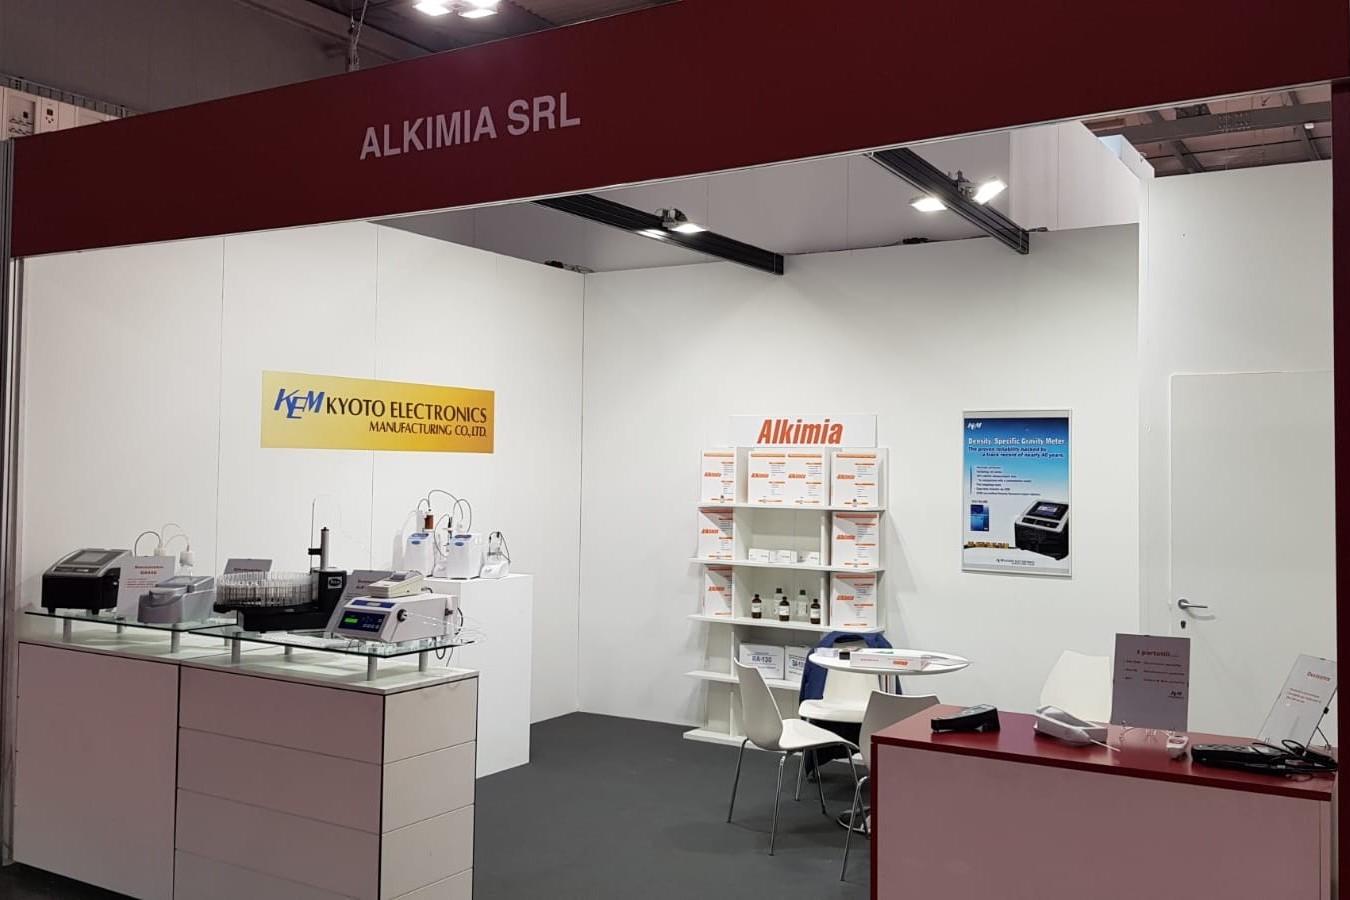 Lo stand di Alkimia Srl al SIMEI 2019 di Milano Rho